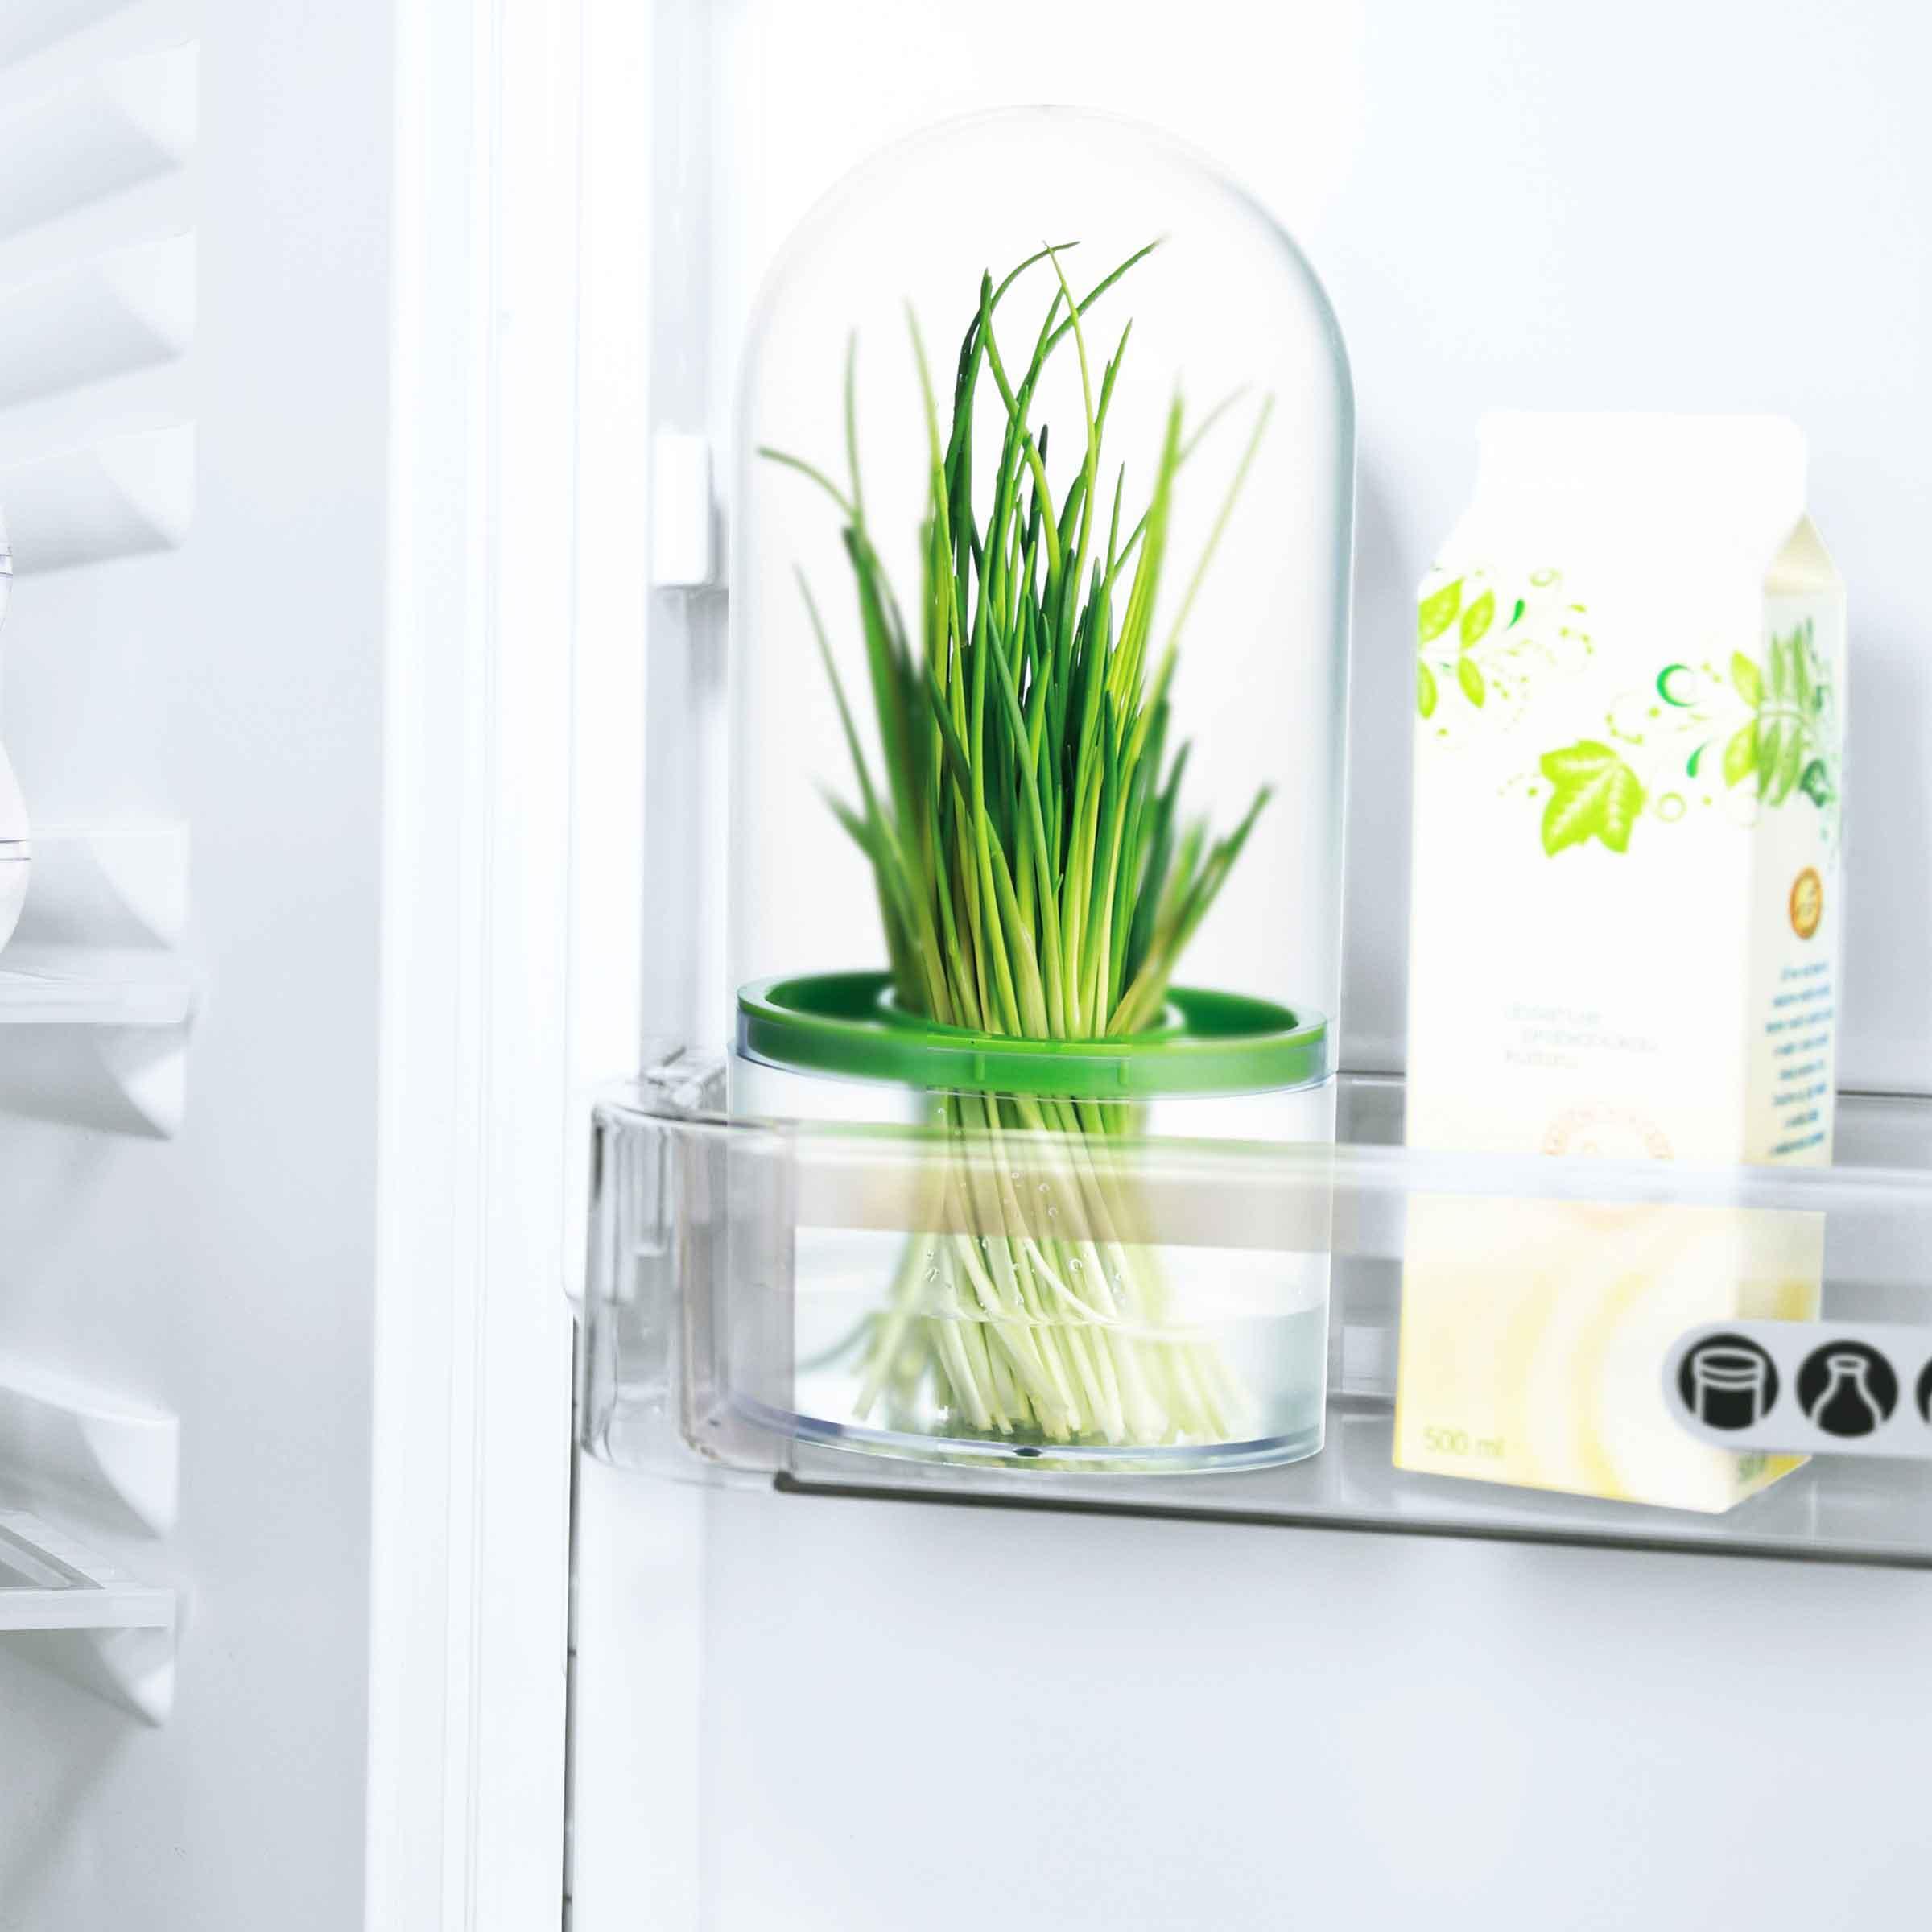 Boîte hermétique en plastique pour conserver les herbes aromatiques ou médicinales